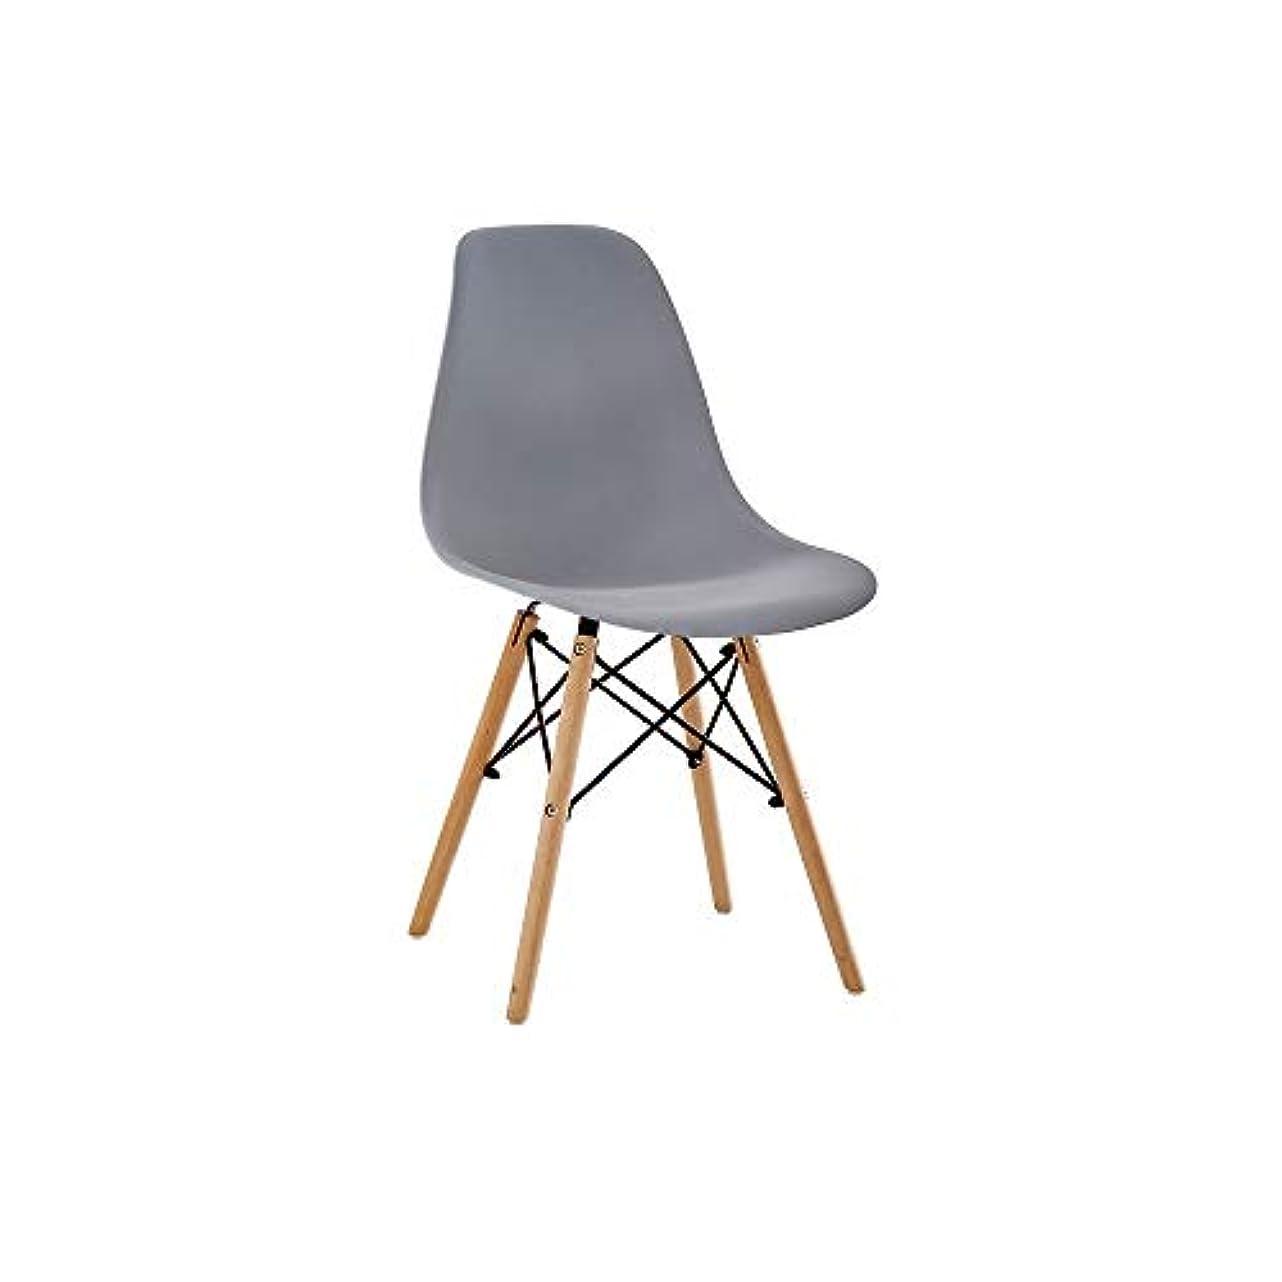 レガシー委託ピストン屋内と屋外のアフタヌーンティーラウンジチェアシンプルでモダンなスタイル、複数の色PP全体の背もたれ椅子ホーム (色 : I)